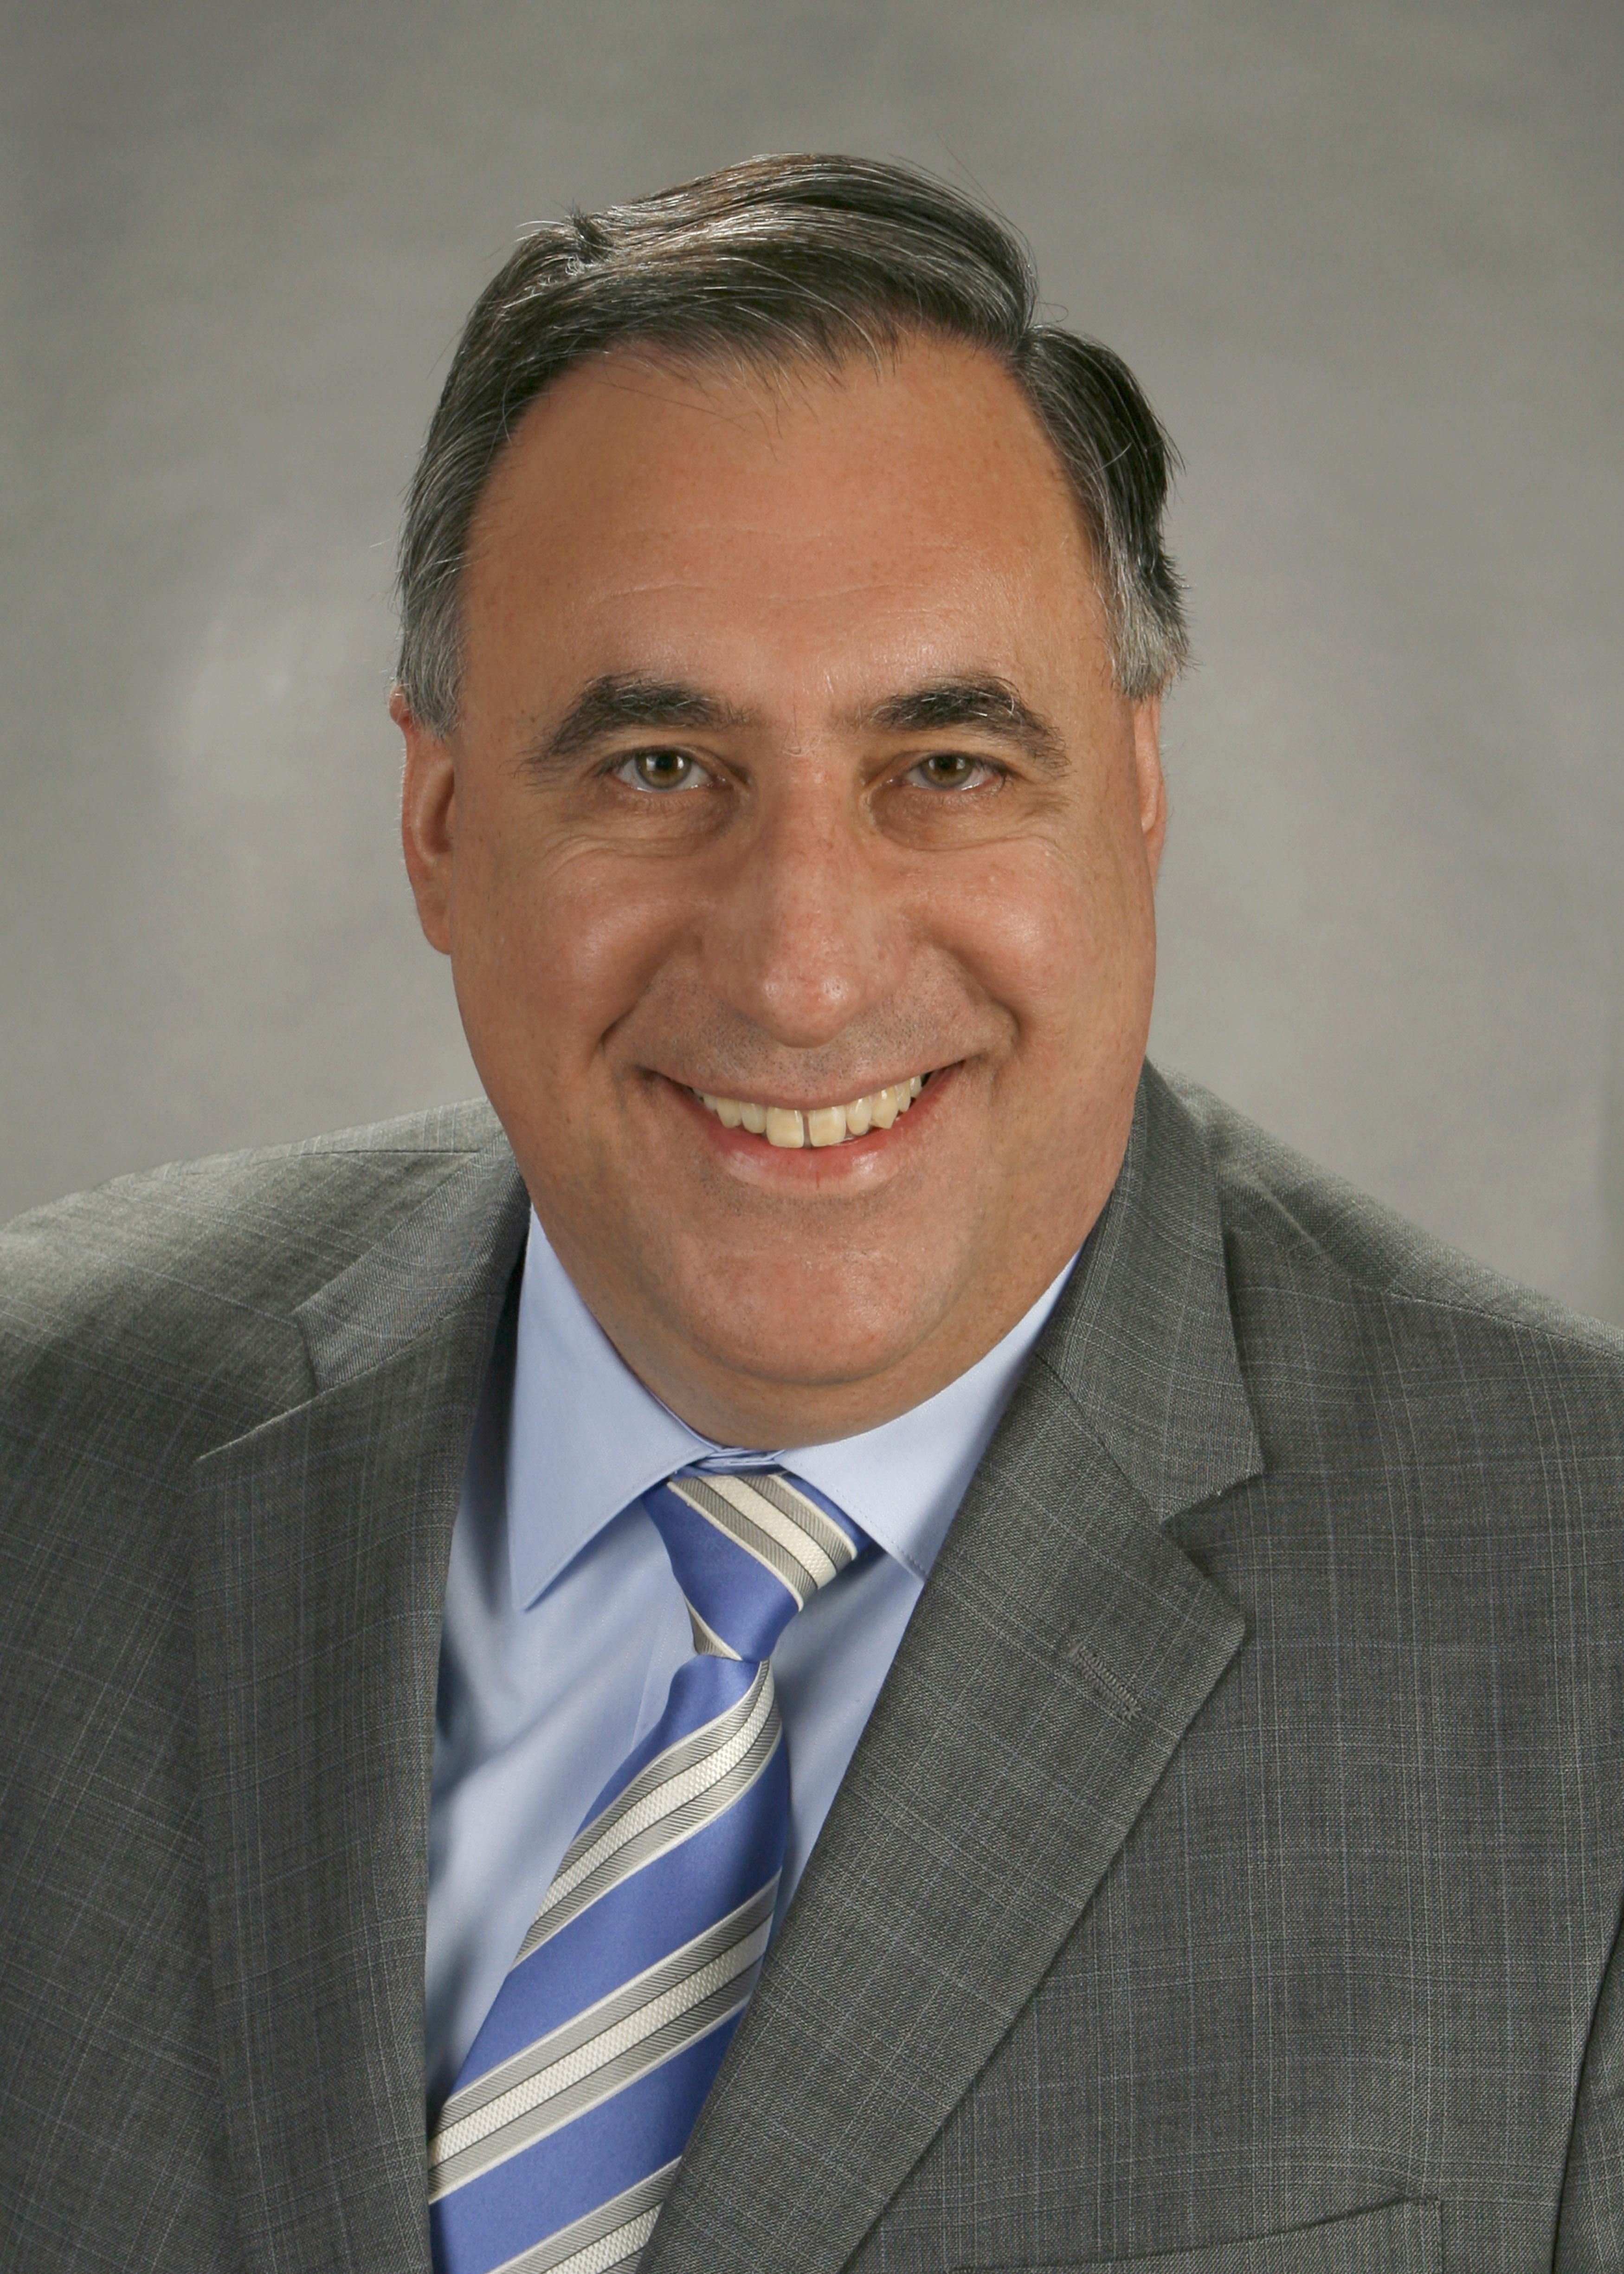 Harry M. Paras